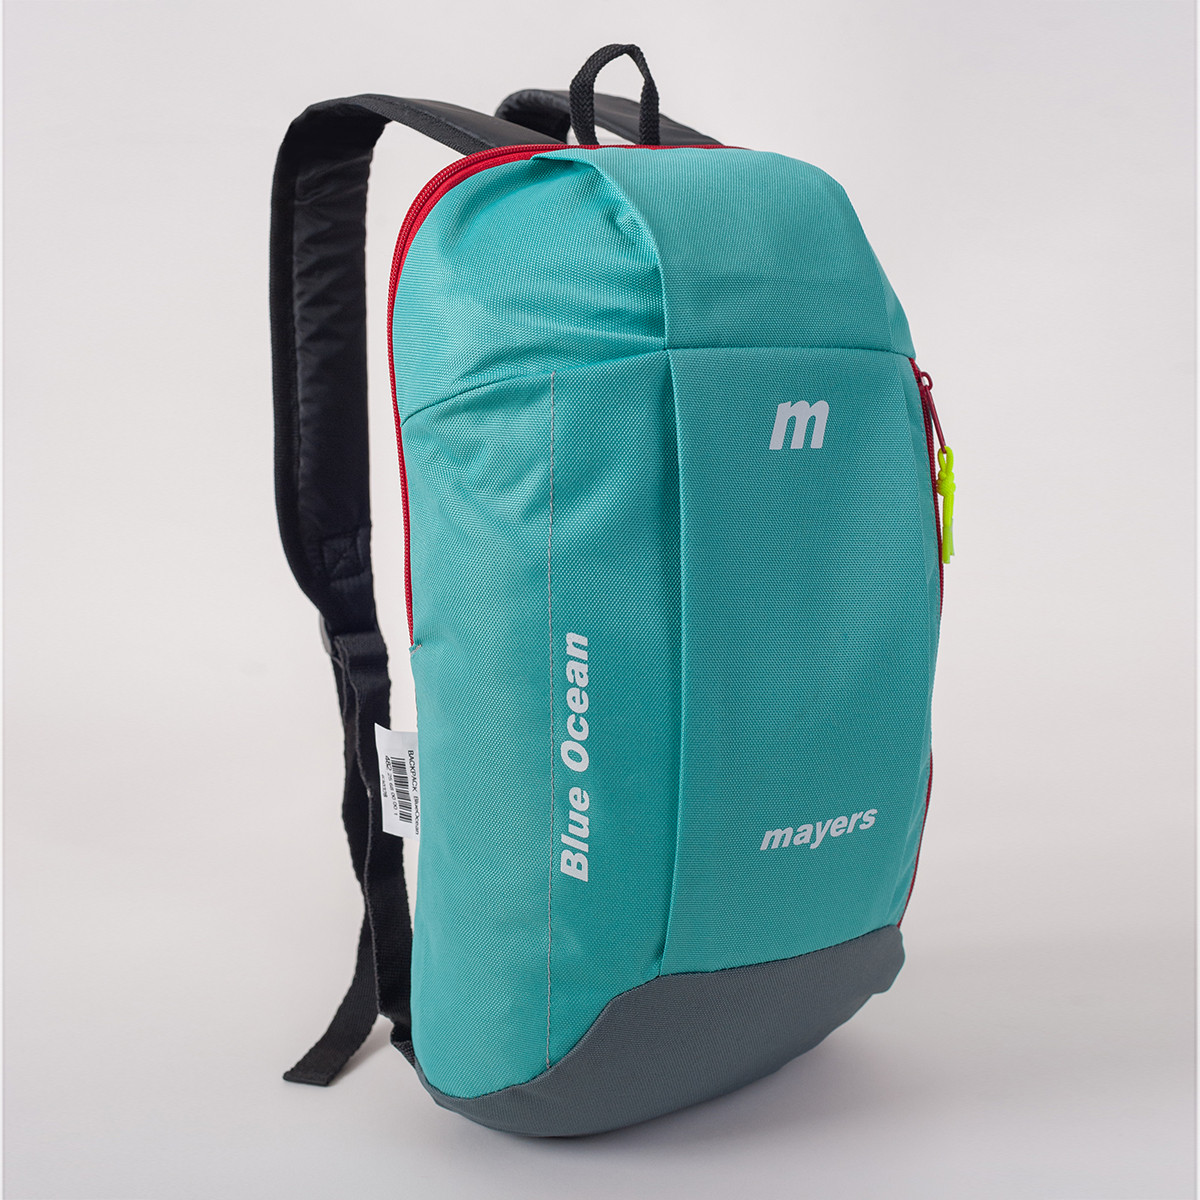 Спортивный рюкзак MAYERS 10L, бирюзовый + серый / красная молния, фото 2